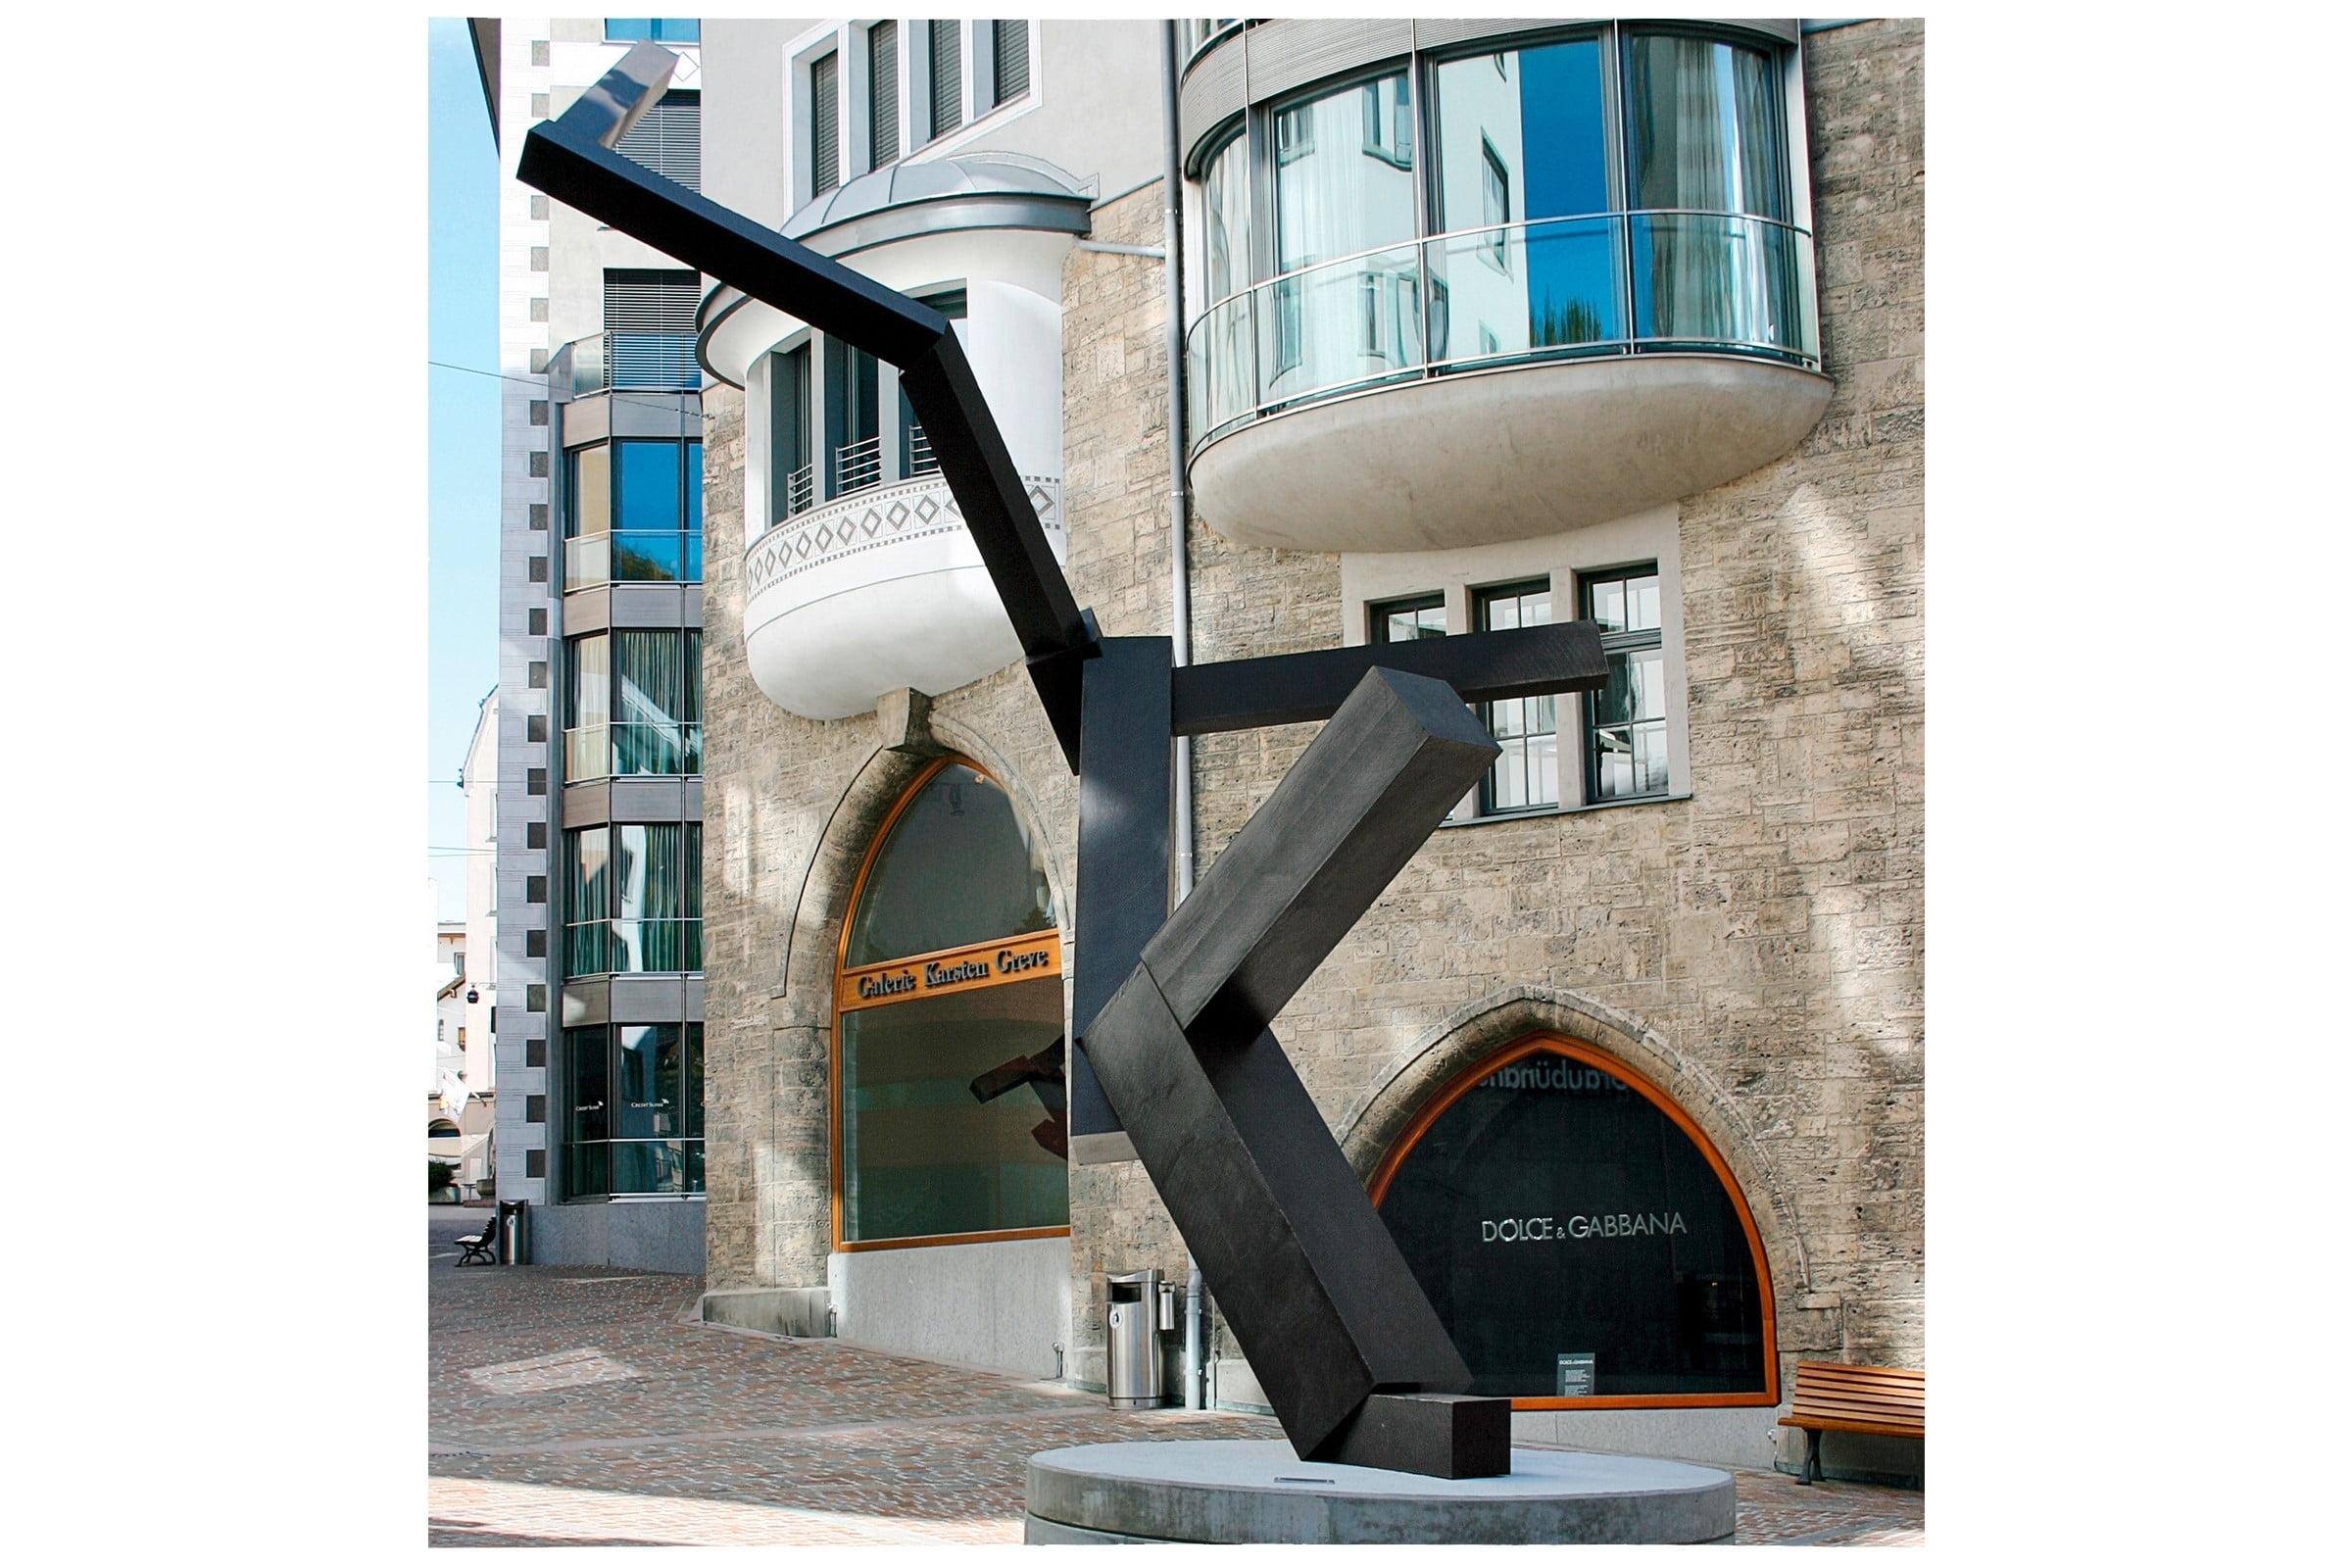 Gallery Karsten Greve